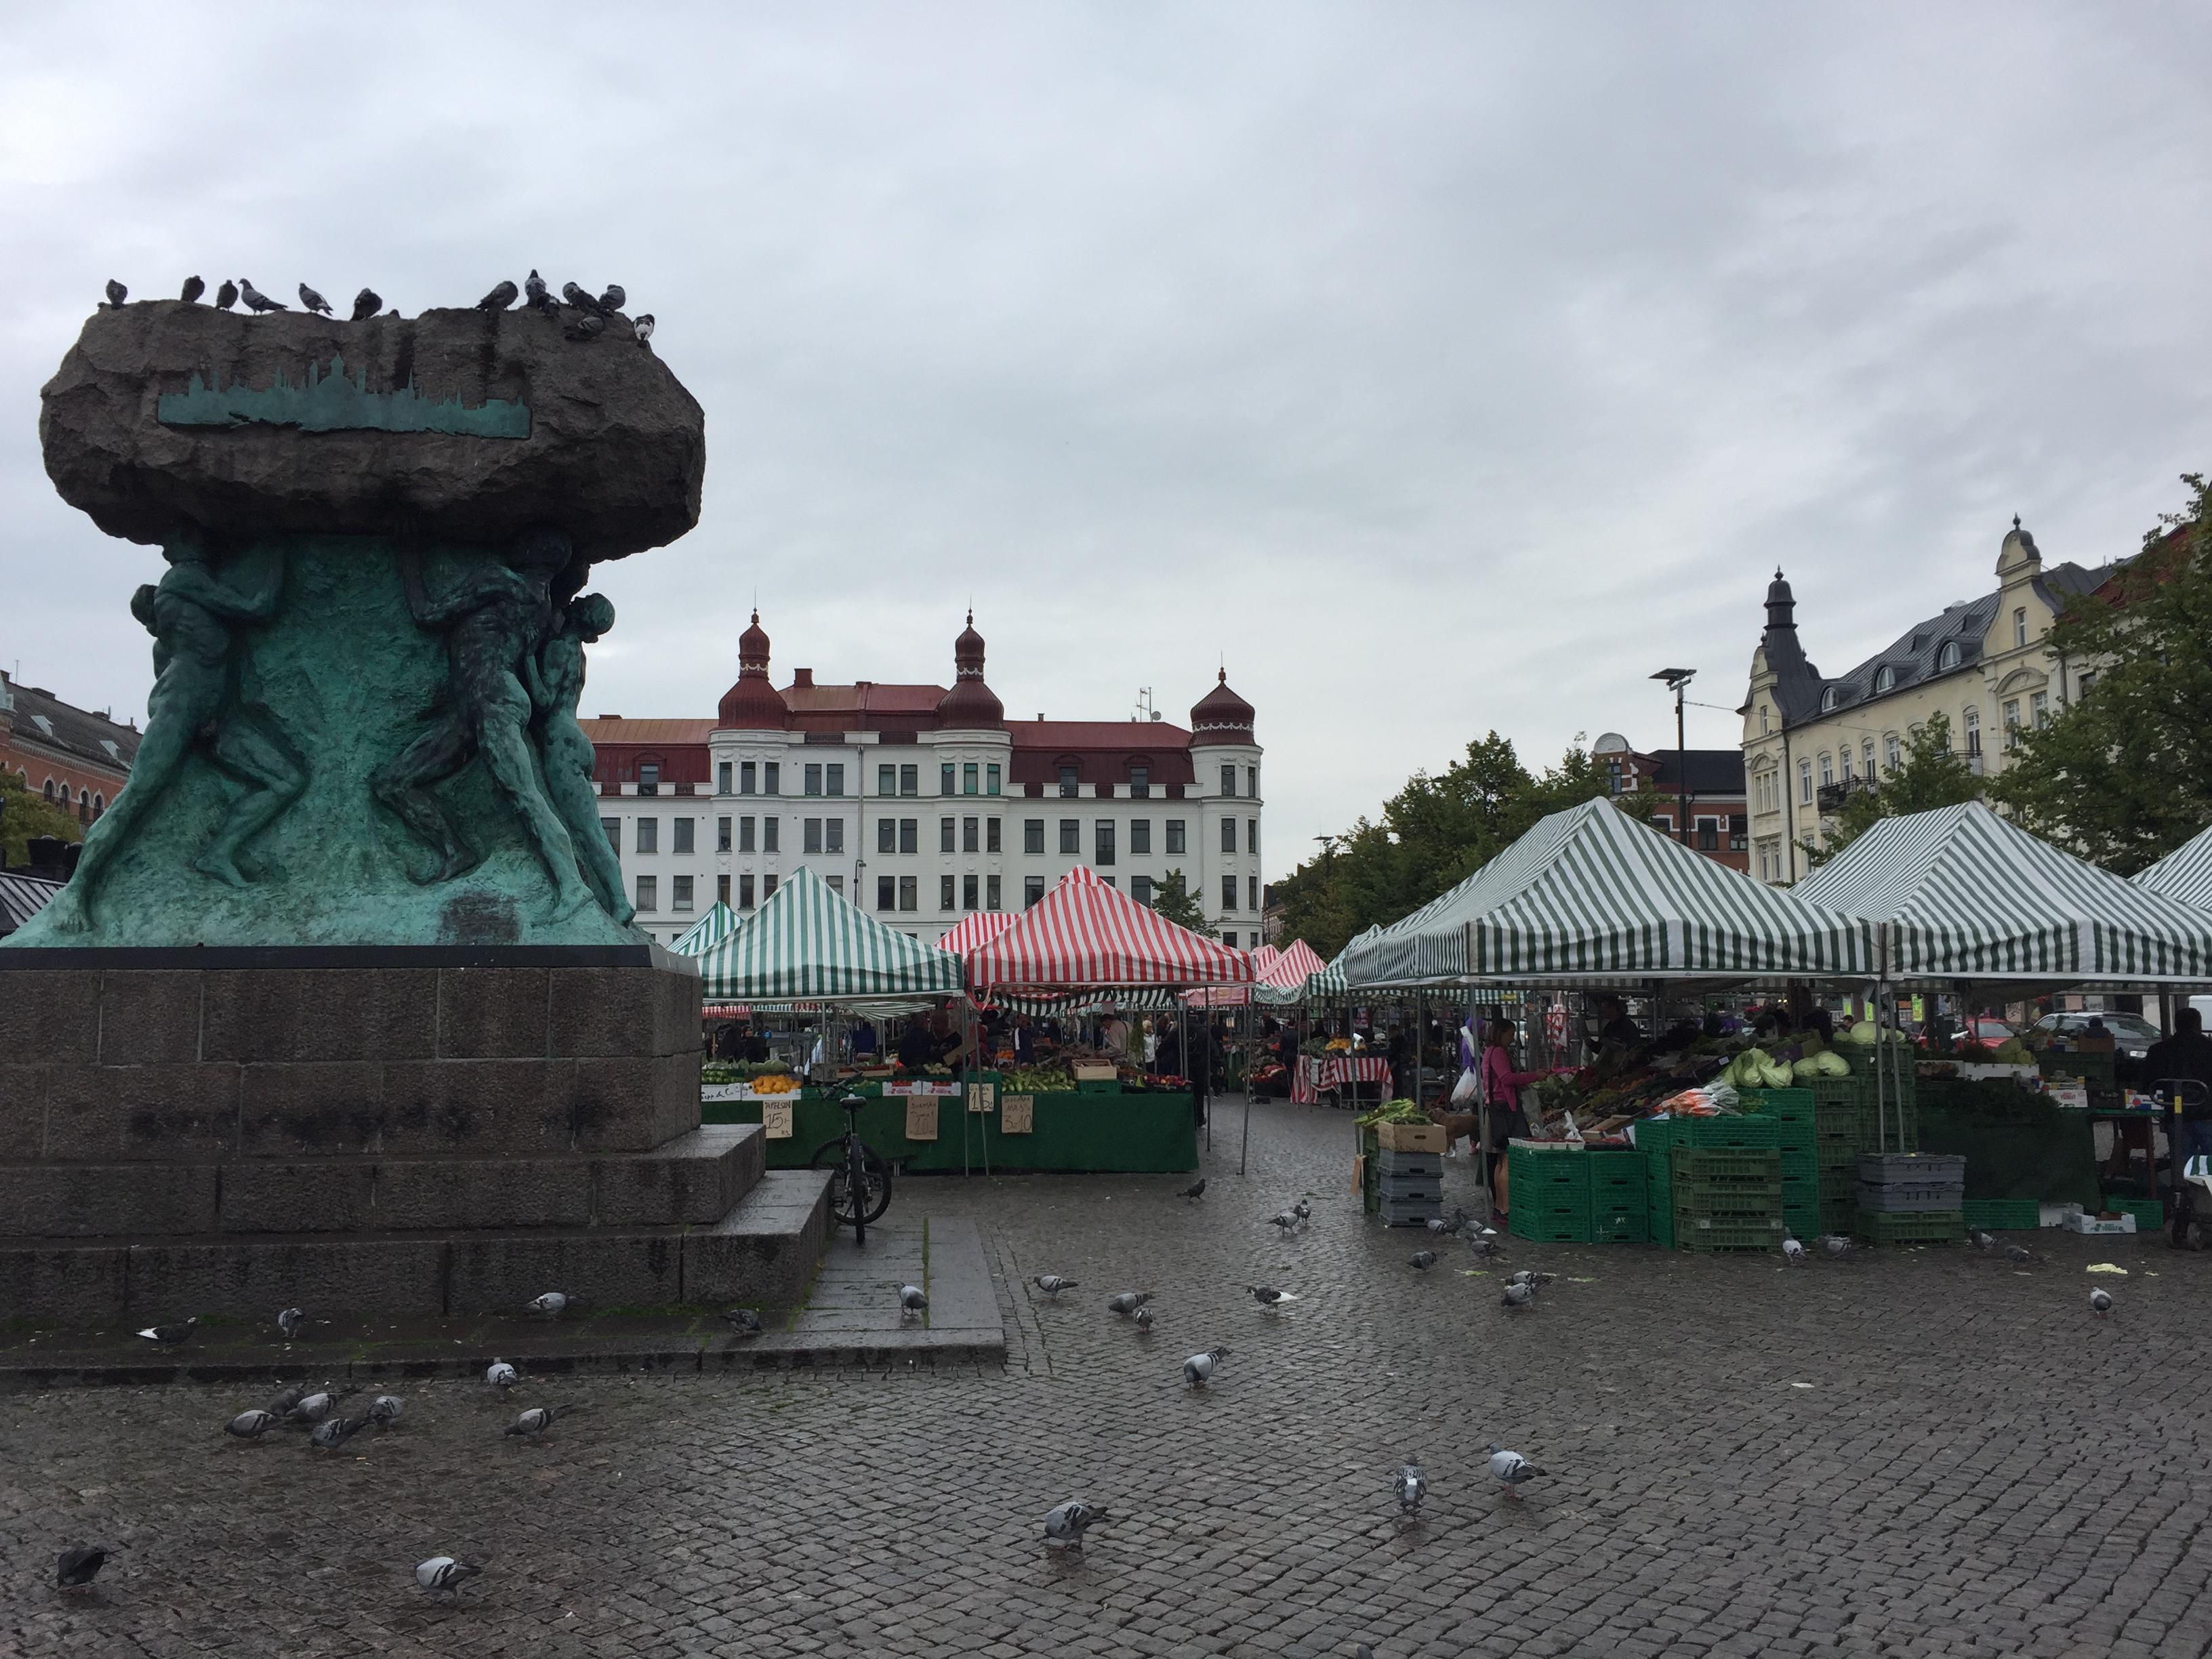 移民,難民,お洒落,マルメ,スウェーデン,雑貨,屋上緑化,ルーフトップガーデン,世界一周,旅,ブログ